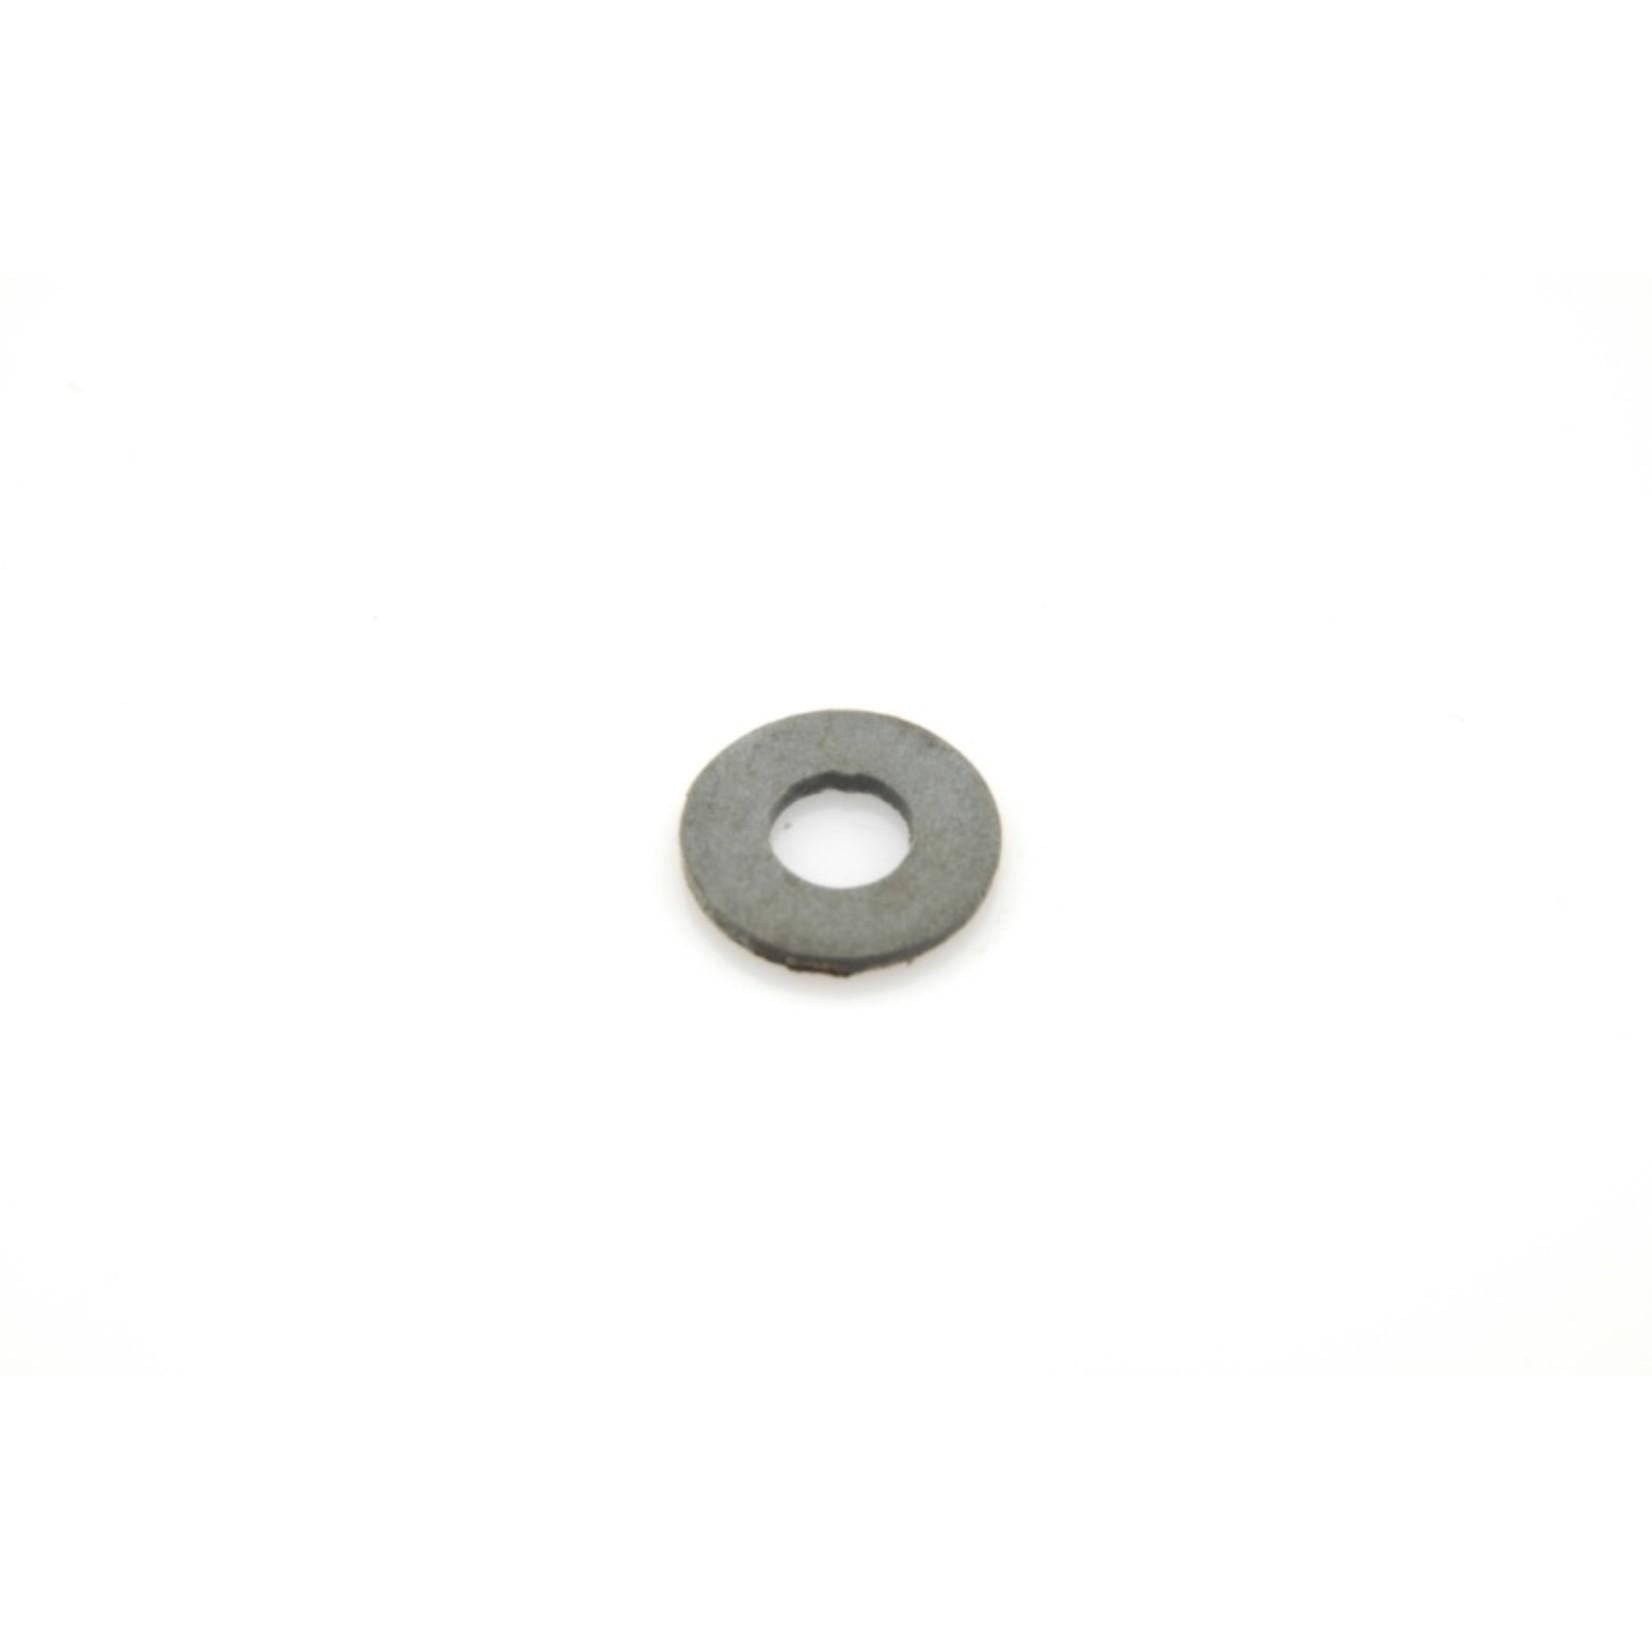 Fiberring deurklink -72 Nr Org: 75522048